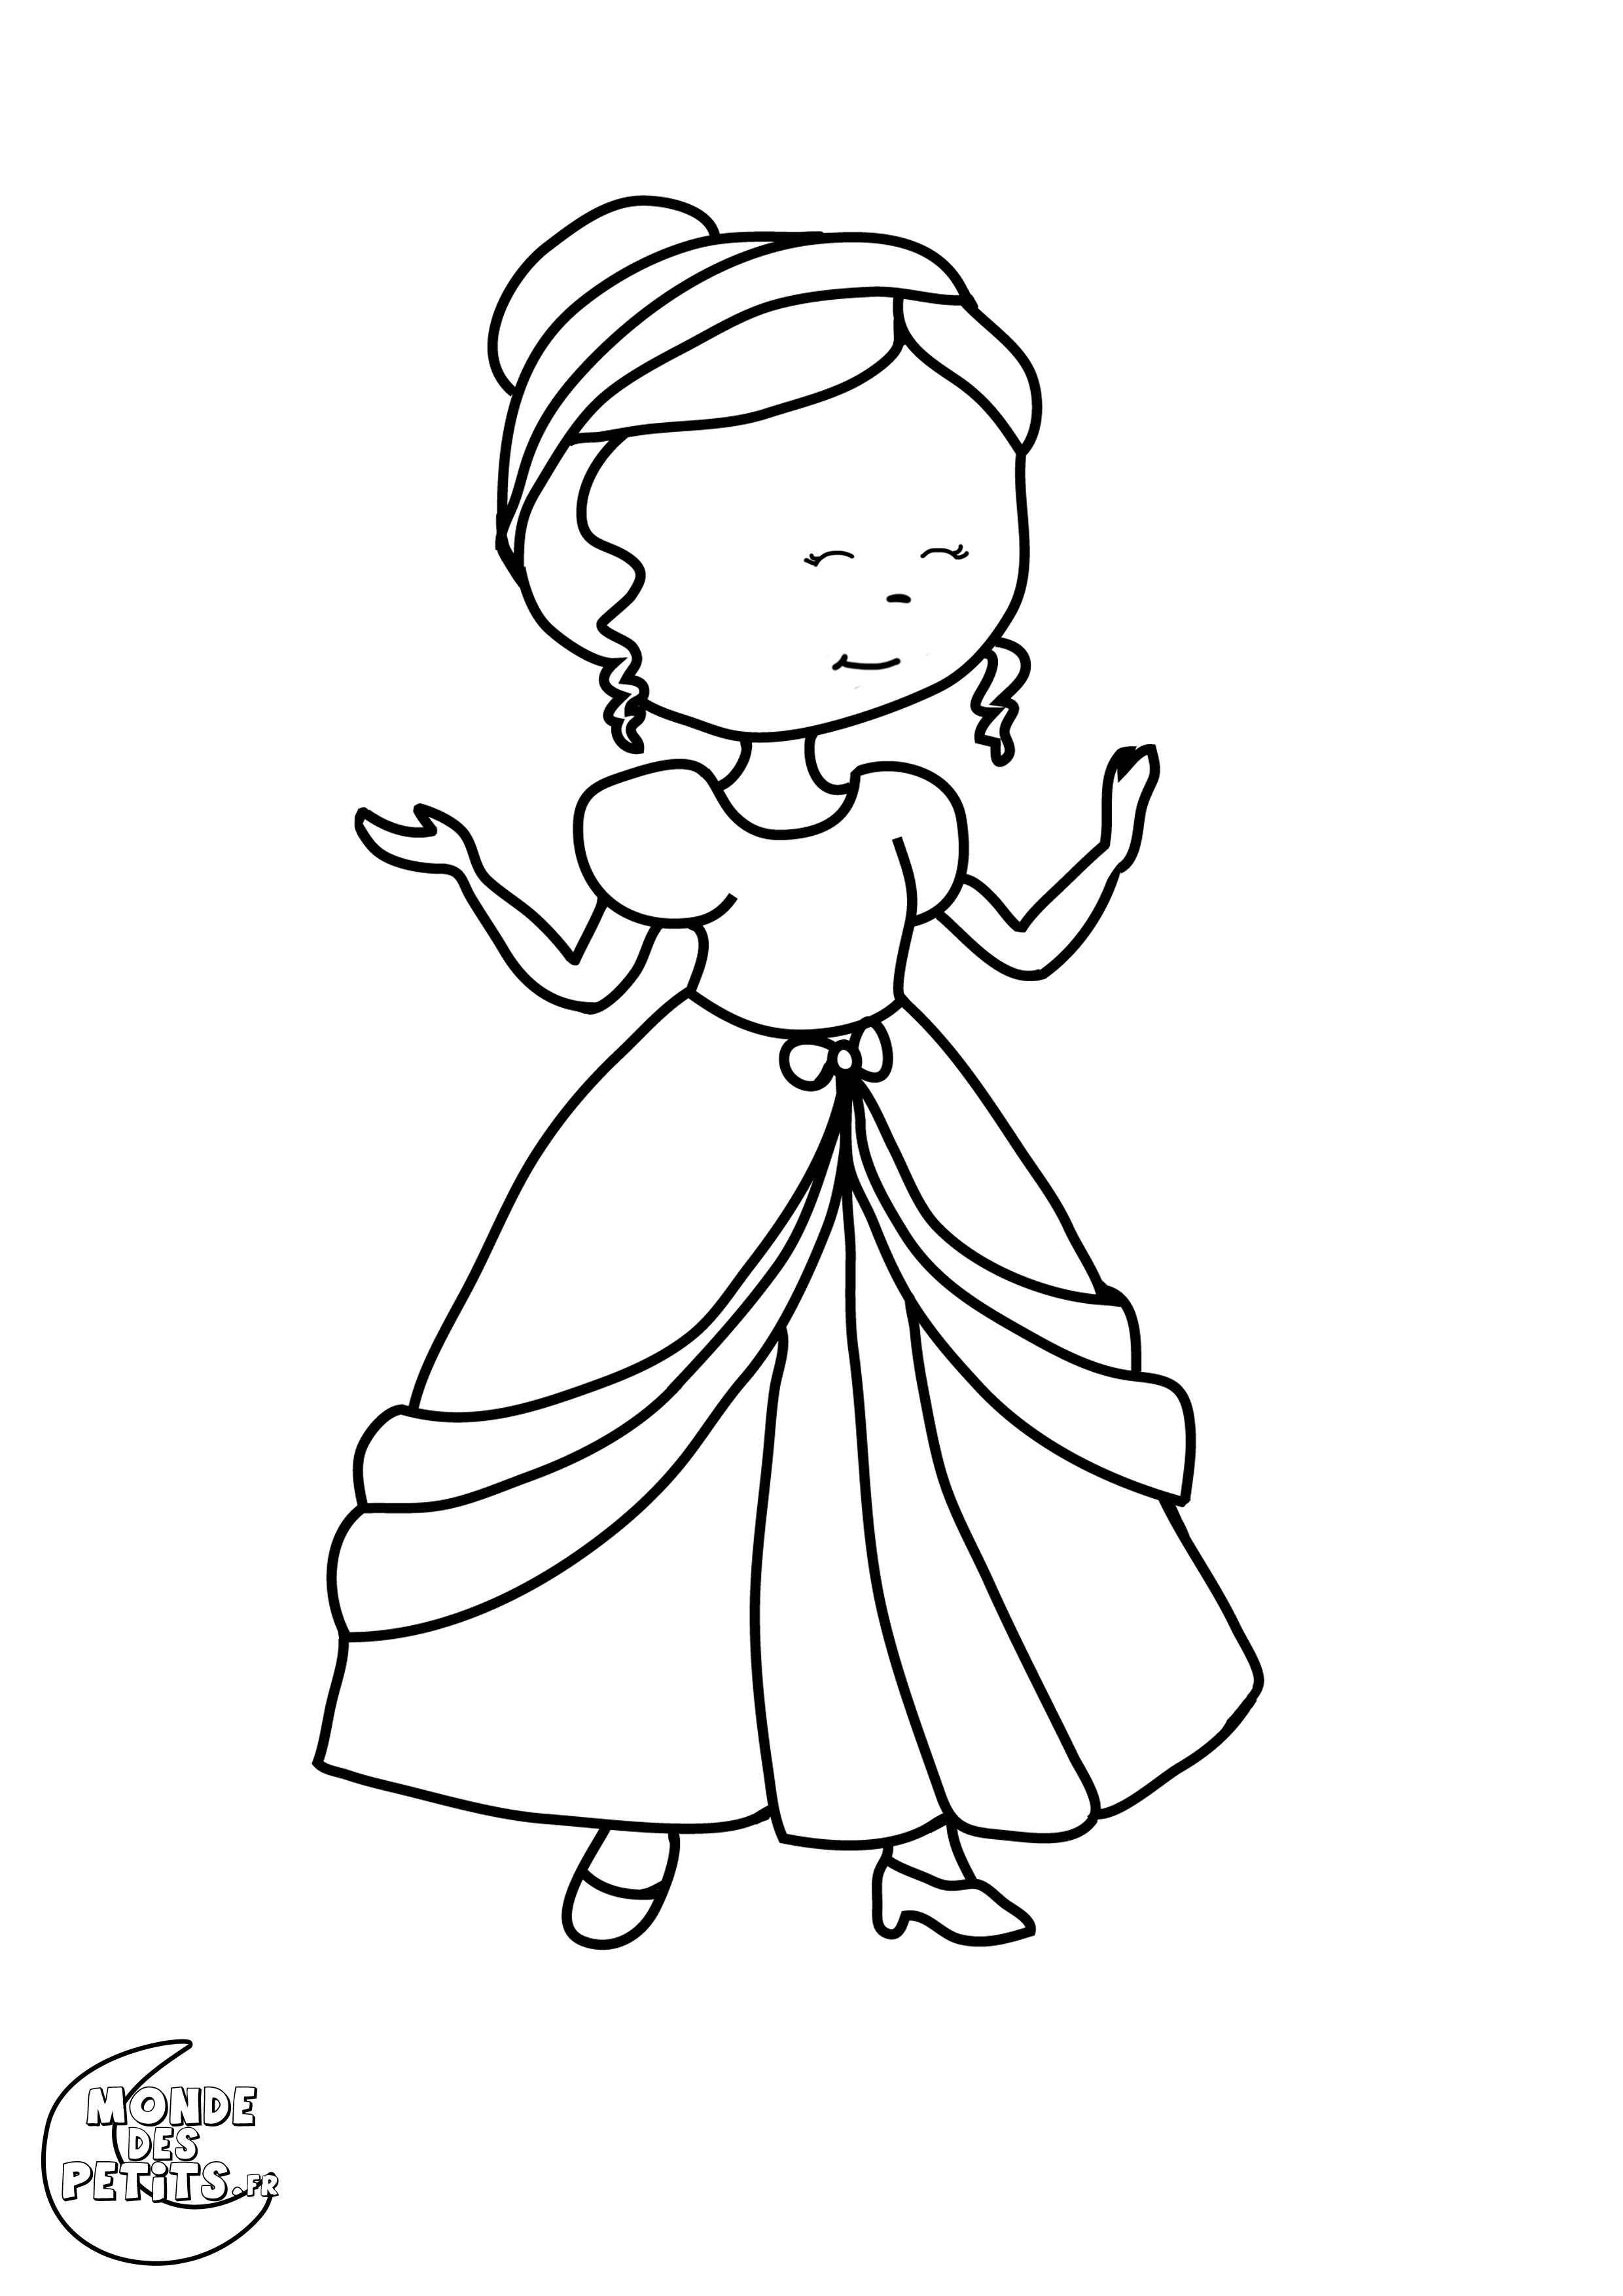 Monde des petits coloriages imprimer - Images princesse ...